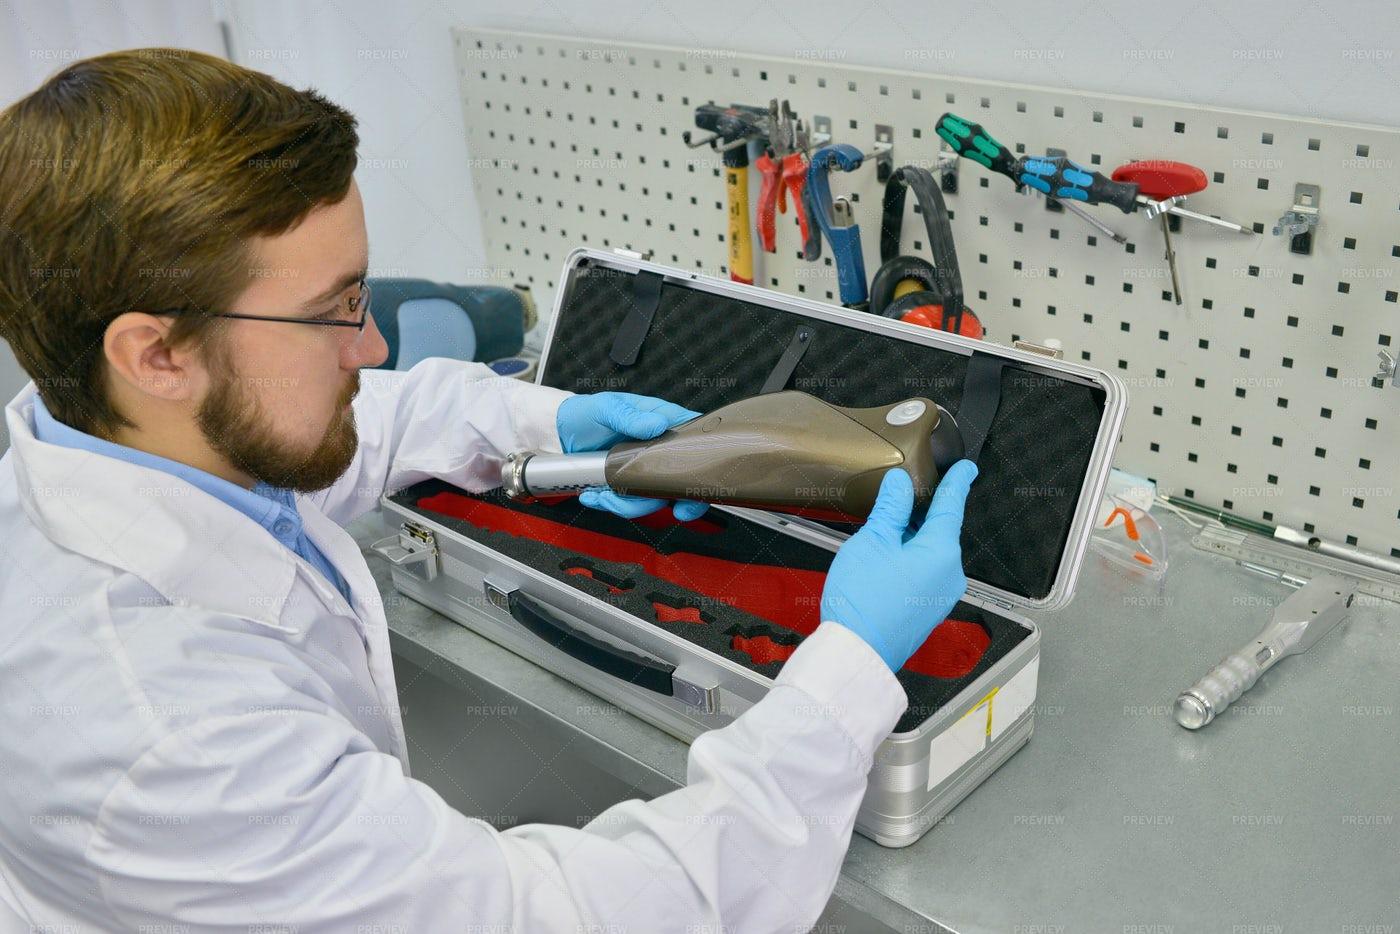 Prosthetics Technician Checking...: Stock Photos